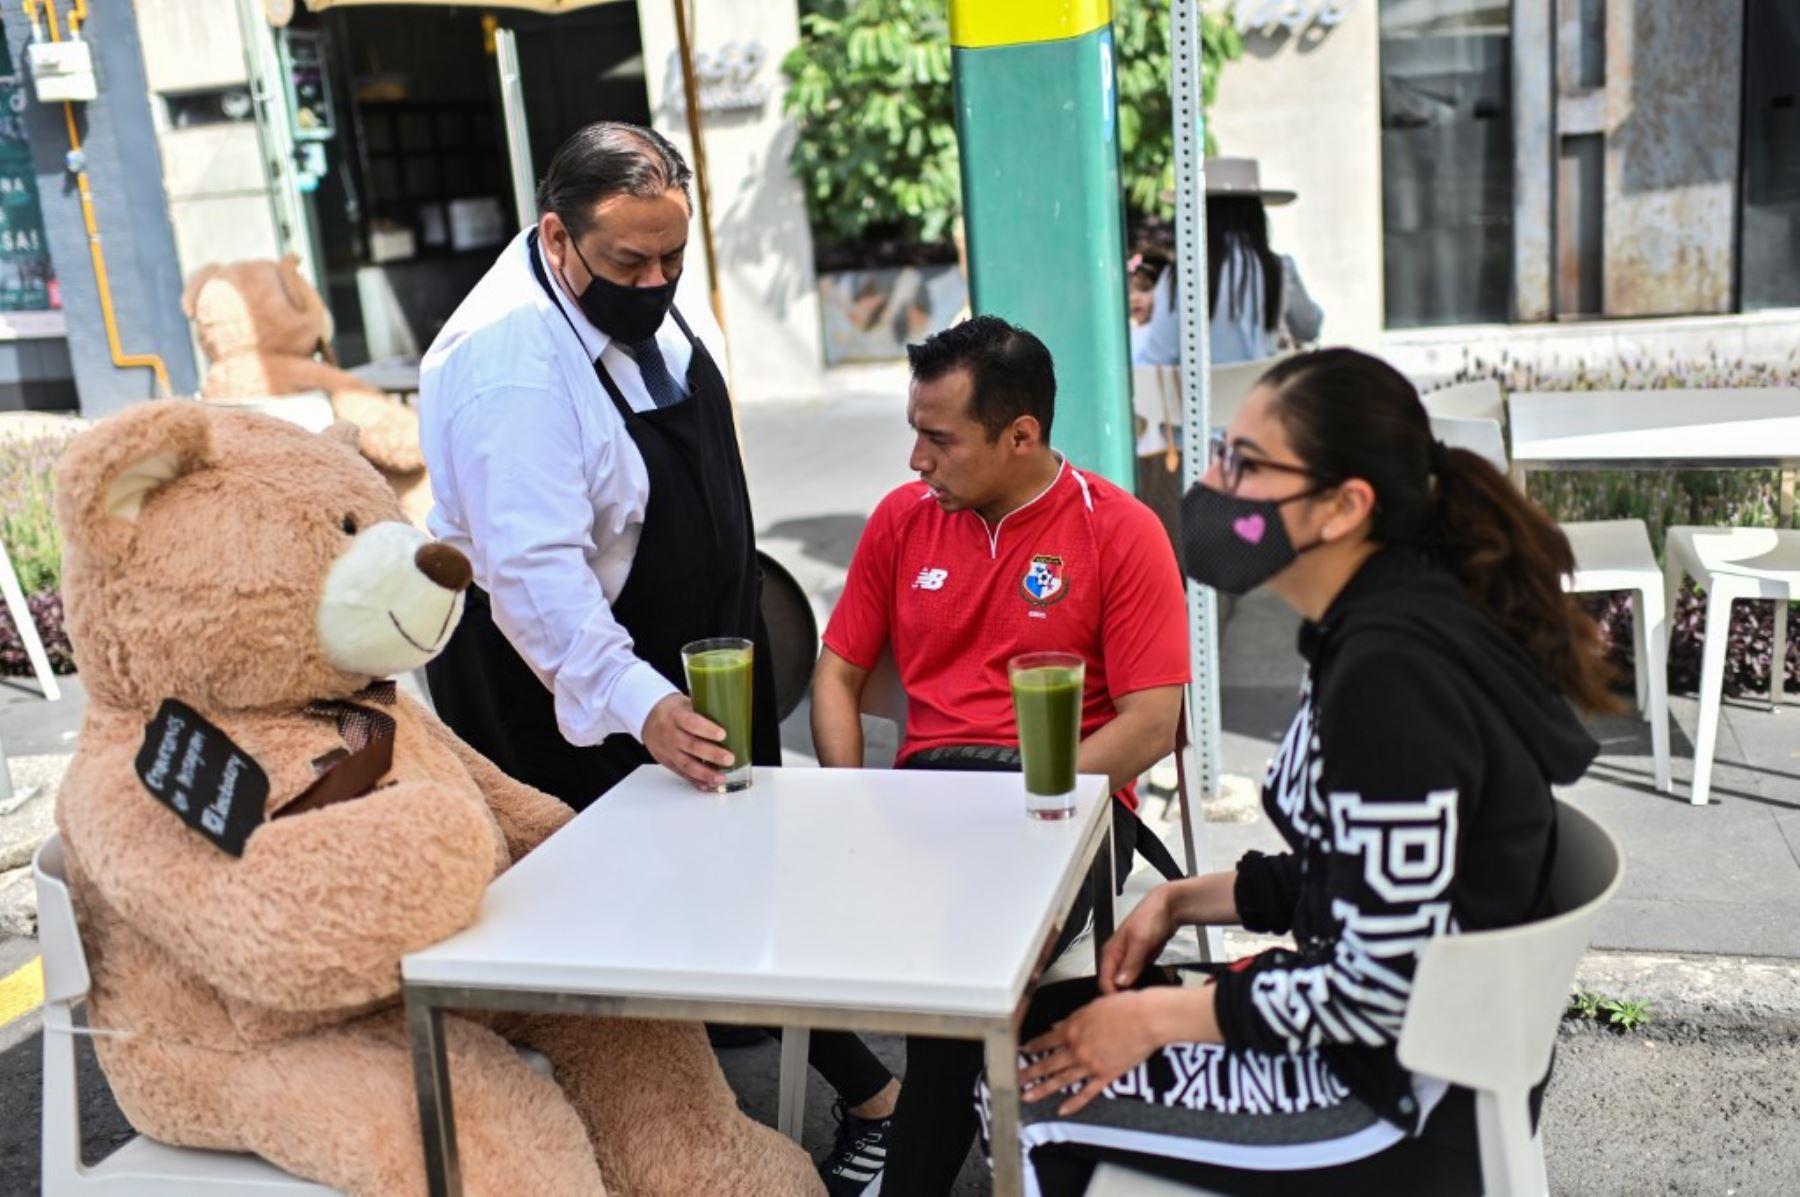 Los clientes se sientan con un oso de peluche utilizado para mantener las medidas de distanciamiento social, en un restaurante en el barrio de Polanco. Foto: AFP